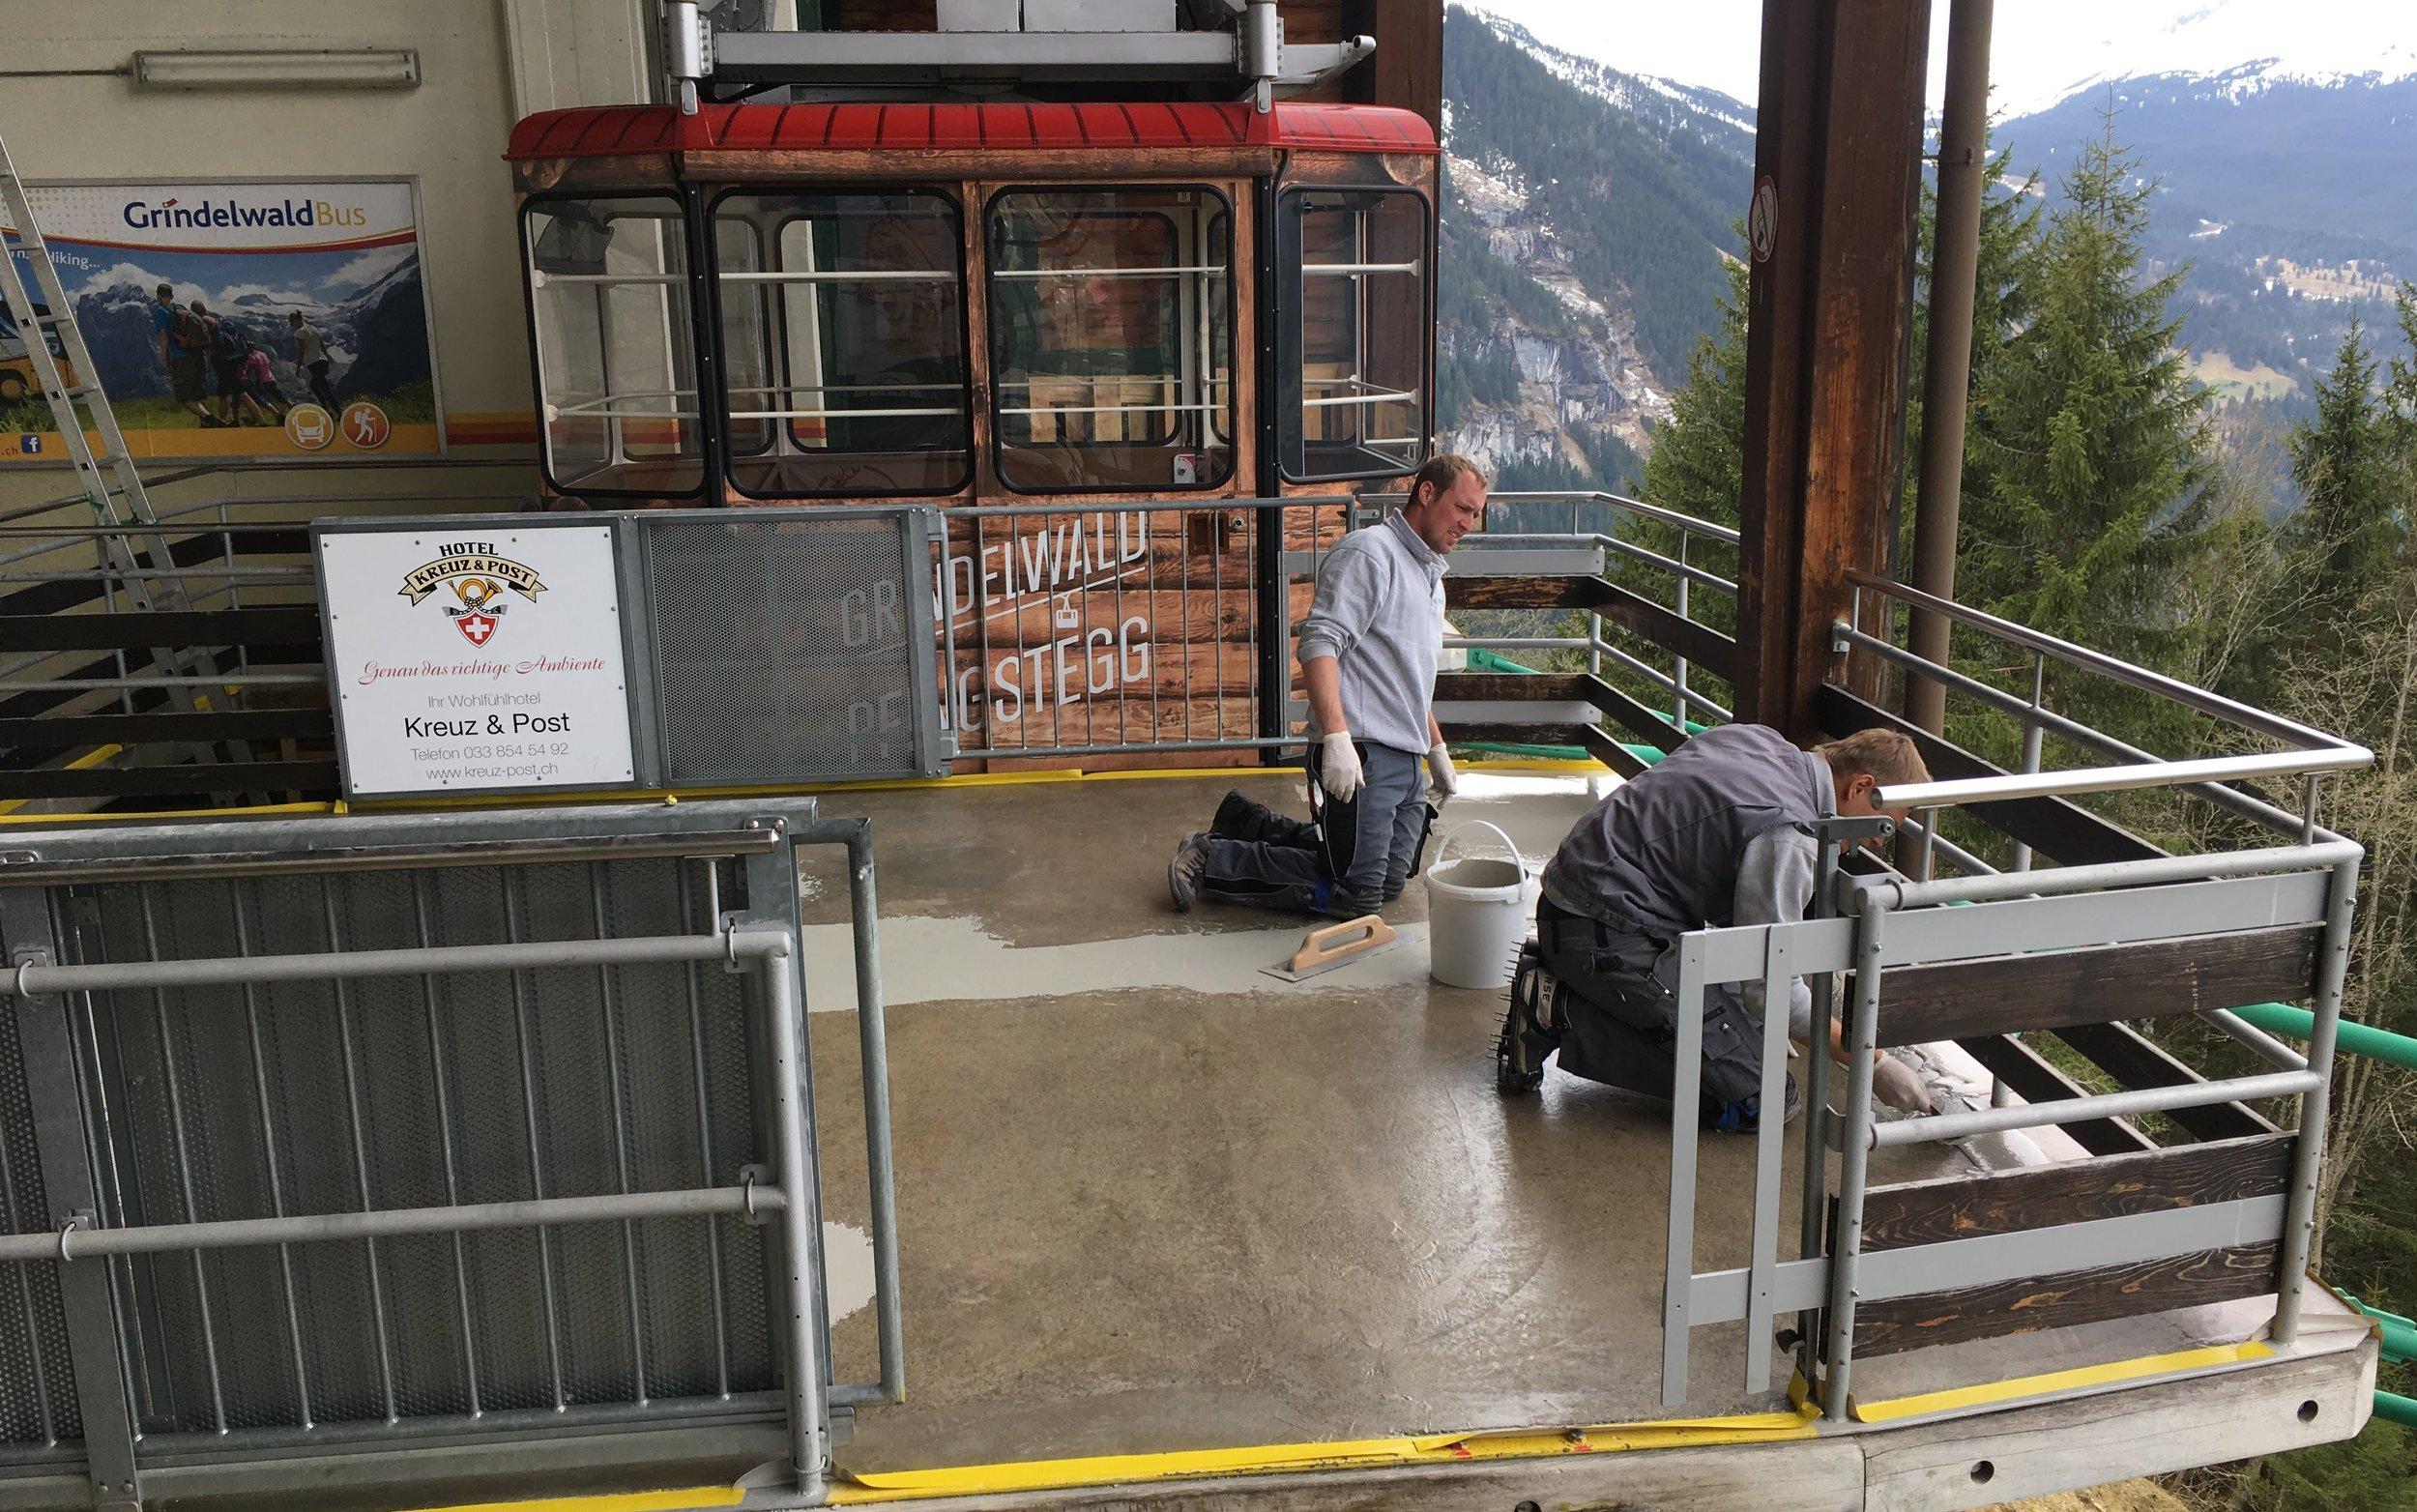 Betonbodensanierung-bei-Bergbahn-10.jpg